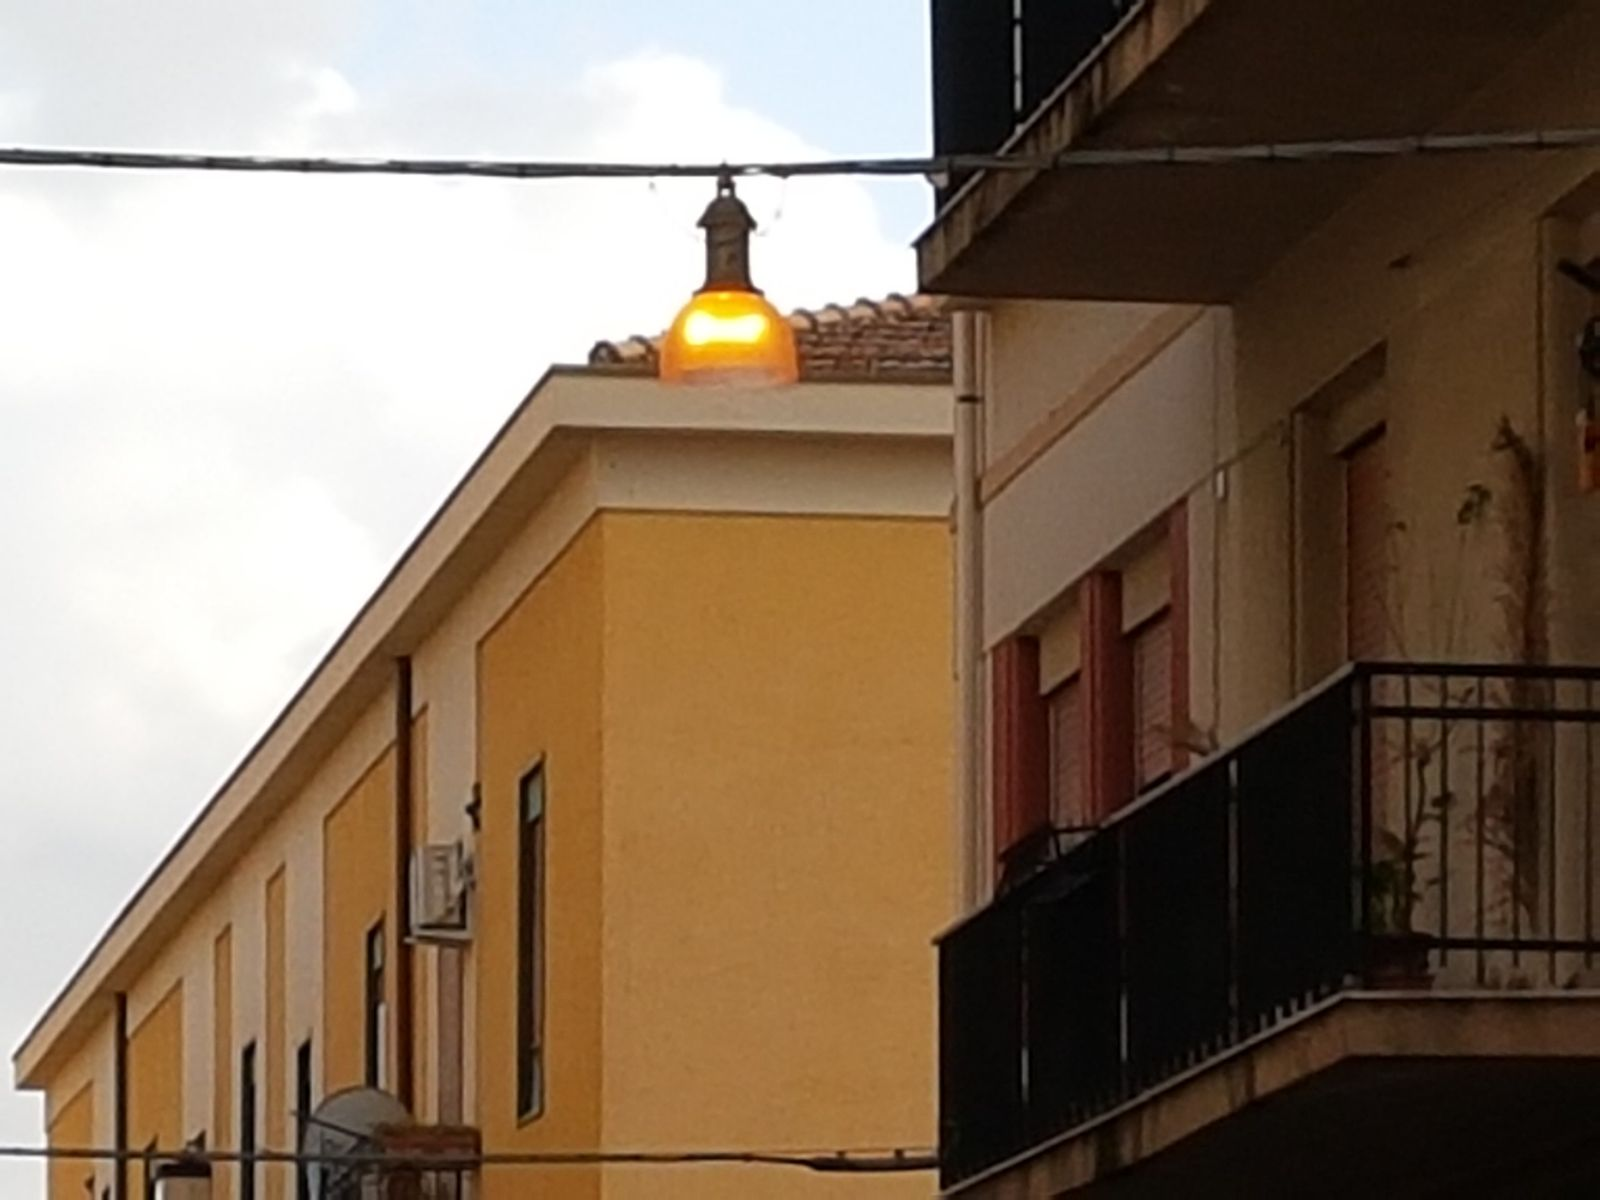 Illuminazione pubblica in tilt luci accese di giorno il comune